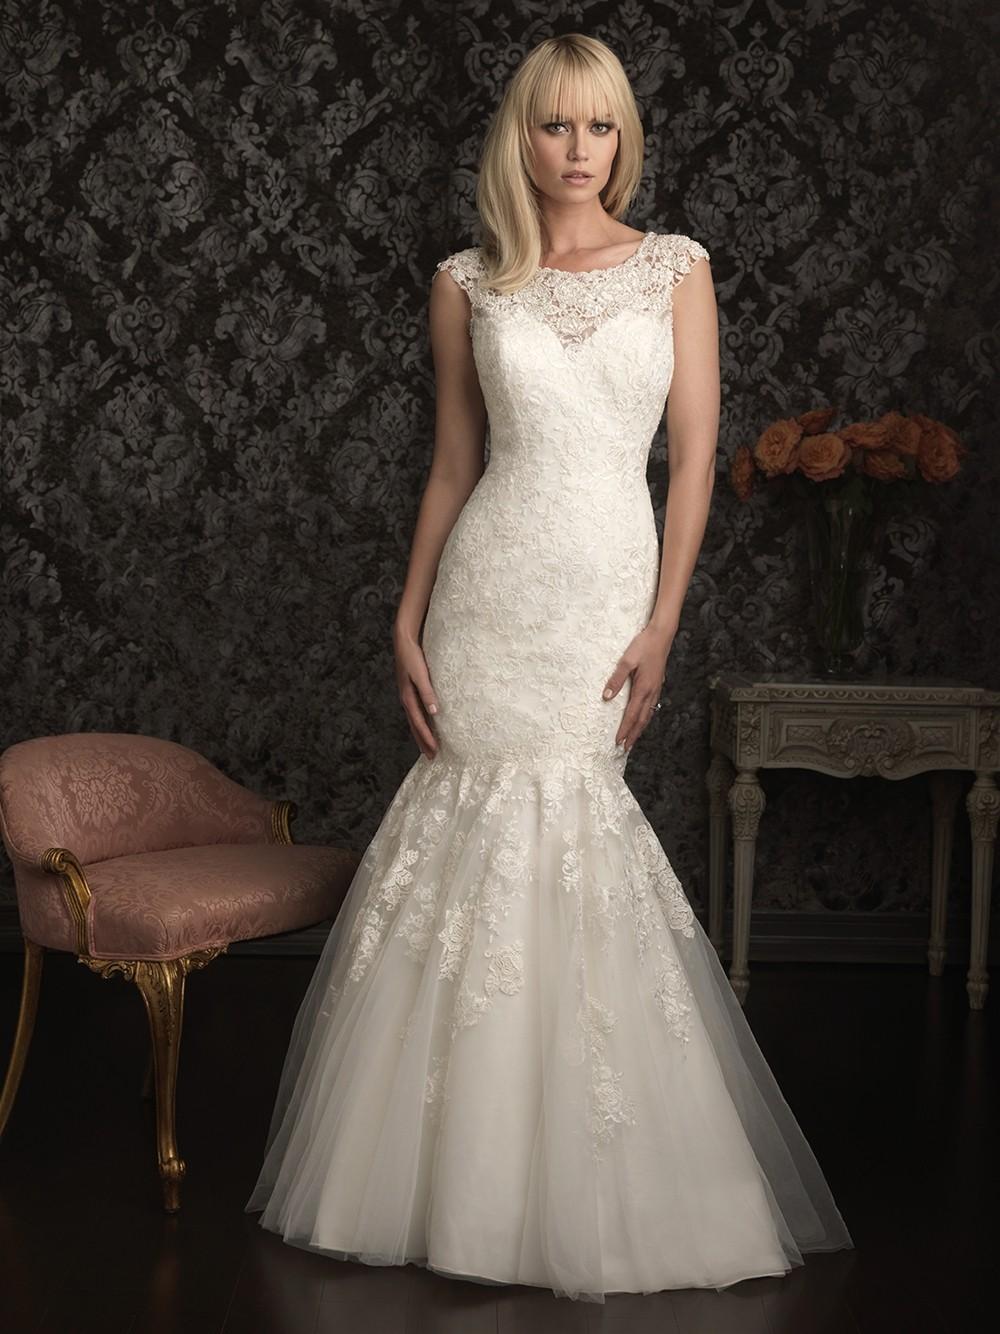 Elegant Mermaid Cap Sleeve Scoop Neck Lace Wedding Dress